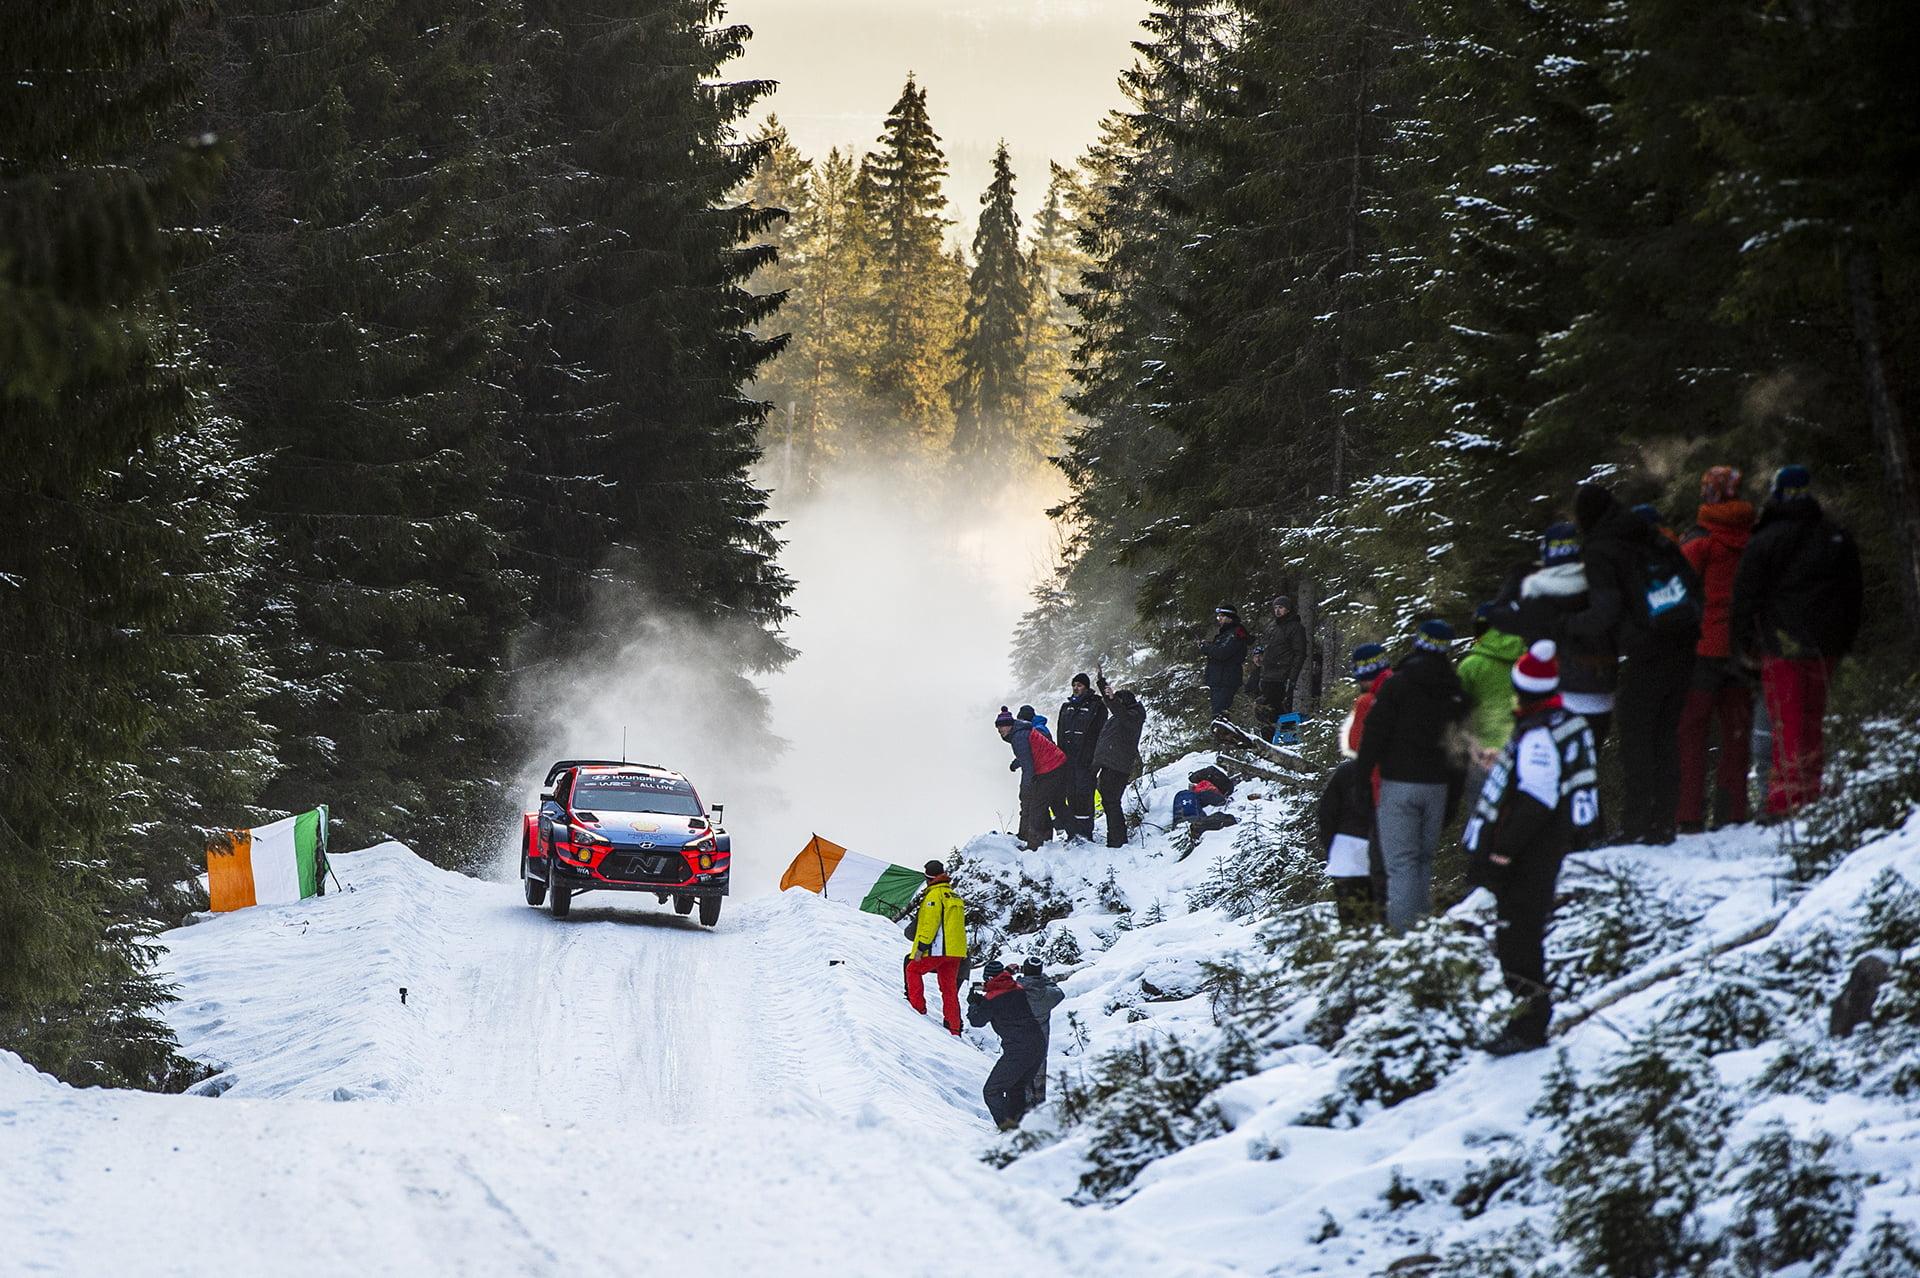 El Rallye de Suecia 2021 ha sido cancelado